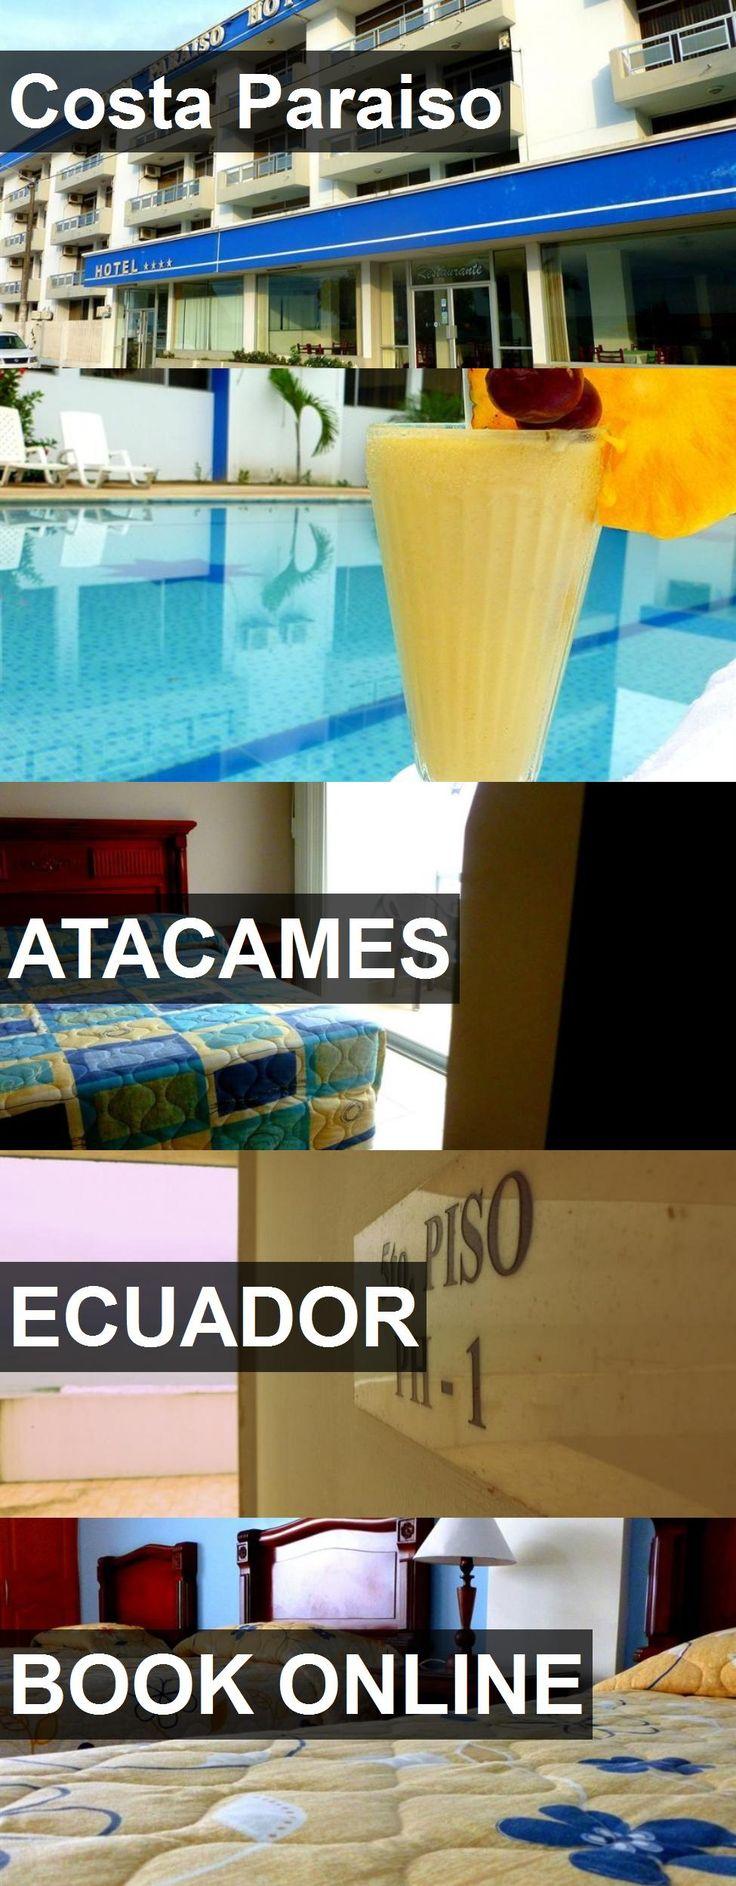 Hotel Costa Paraiso in Atacames, Ecuador. For more information, photos, reviews and best prices please follow the link. #Ecuador #Atacames #travel #vacation #hotel